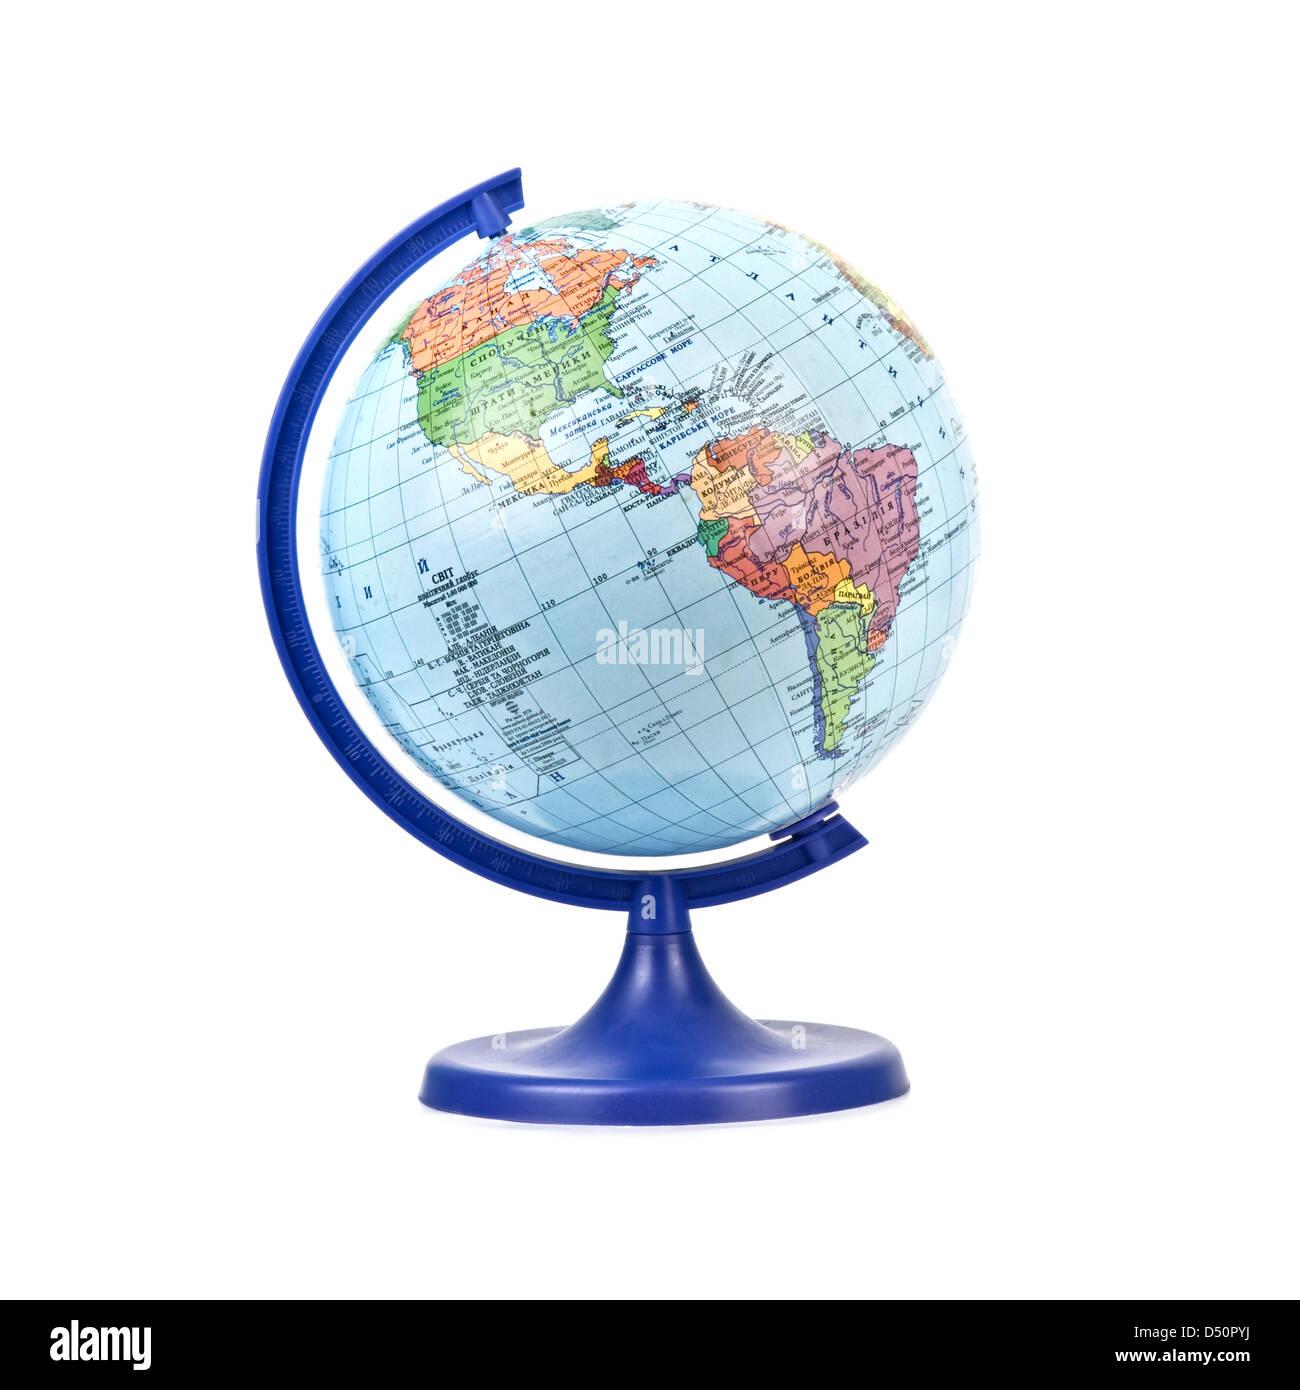 Globus isoliert auf weißem Hintergrund Stockbild